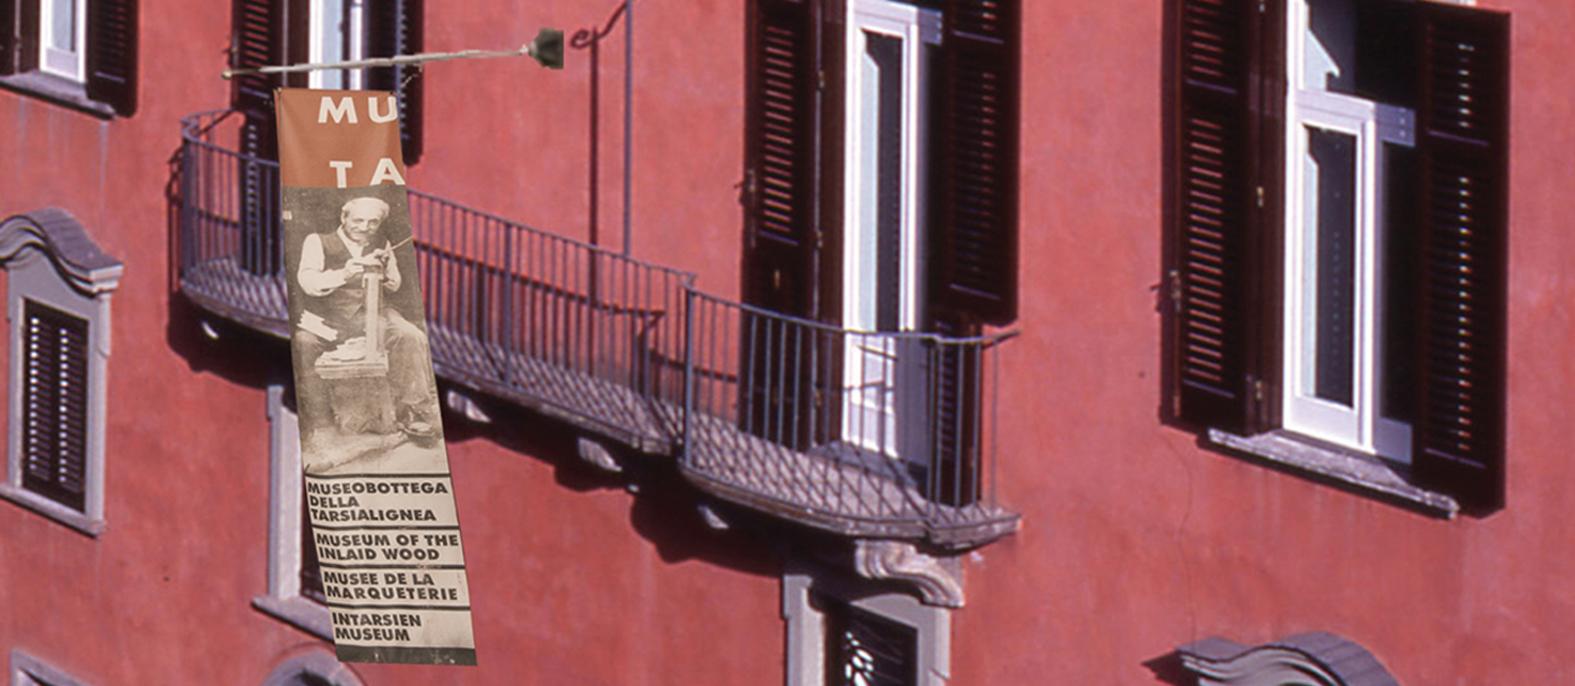 7. Museo Bottega della Tarsia Lignea